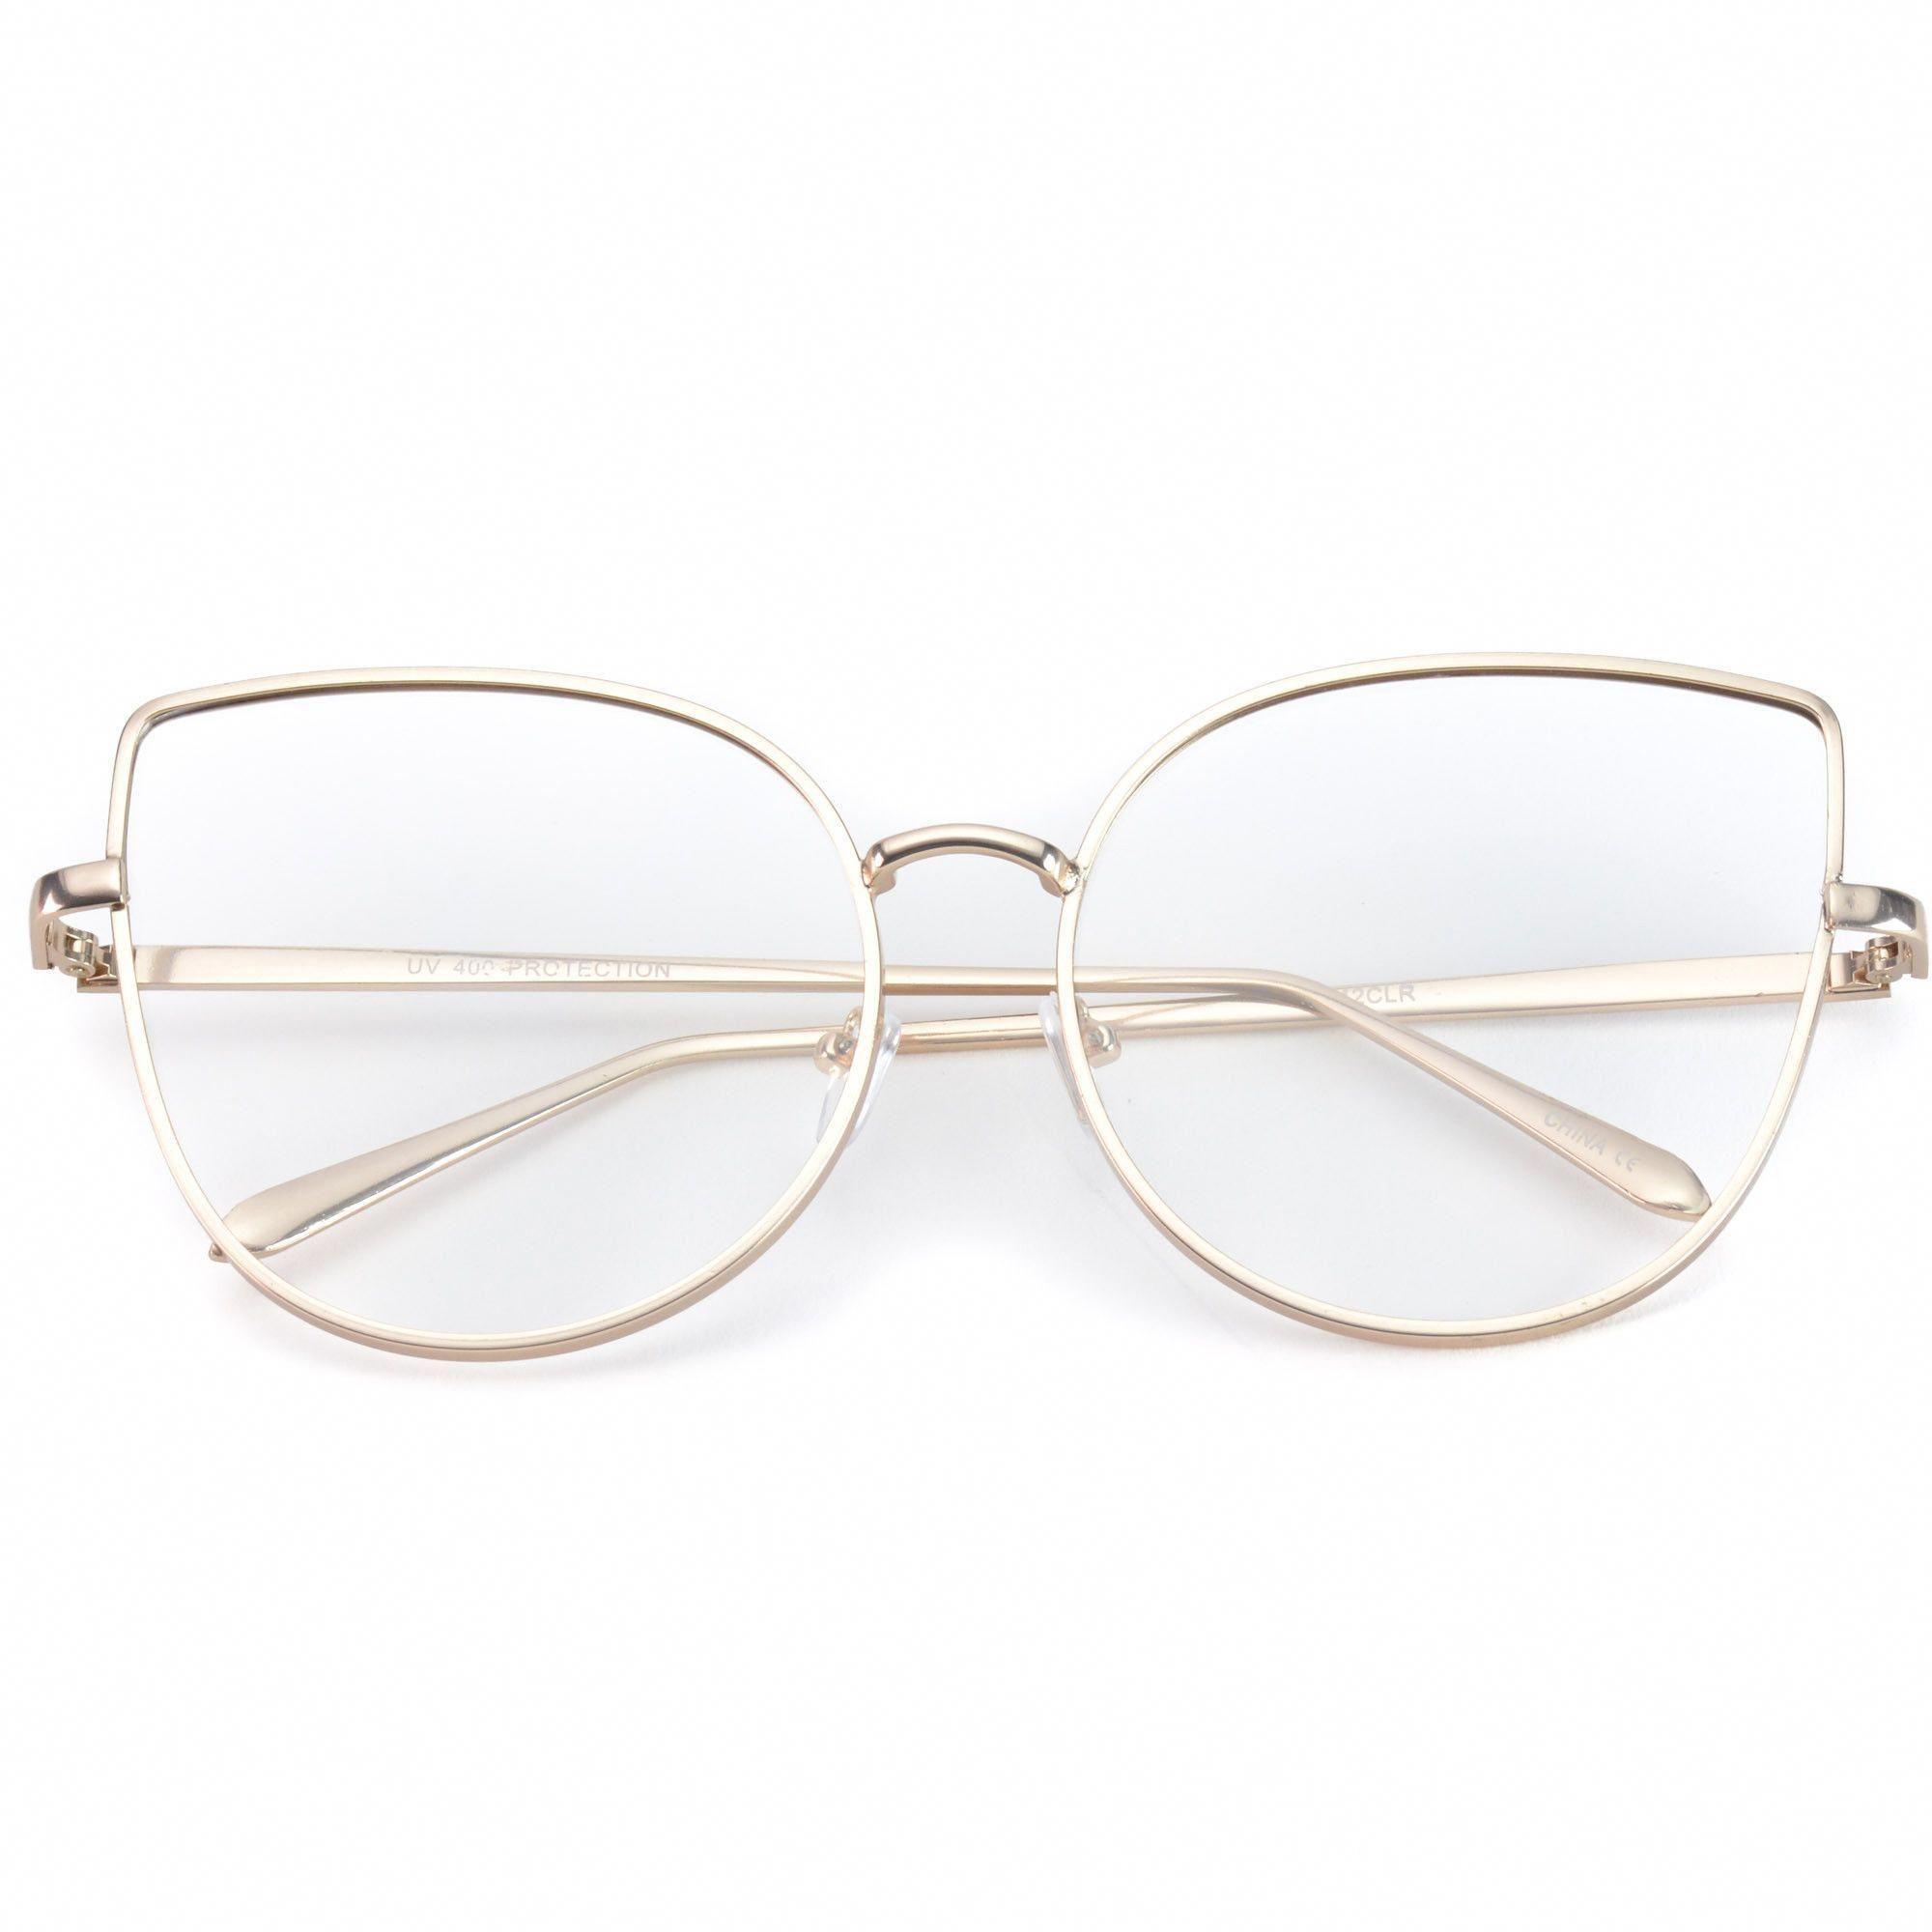 ebba972ae4  AntiAgingVitaminCSerum Product ID 8377494228   HowToImproveVisionWithoutGlasses Oversized Glasses